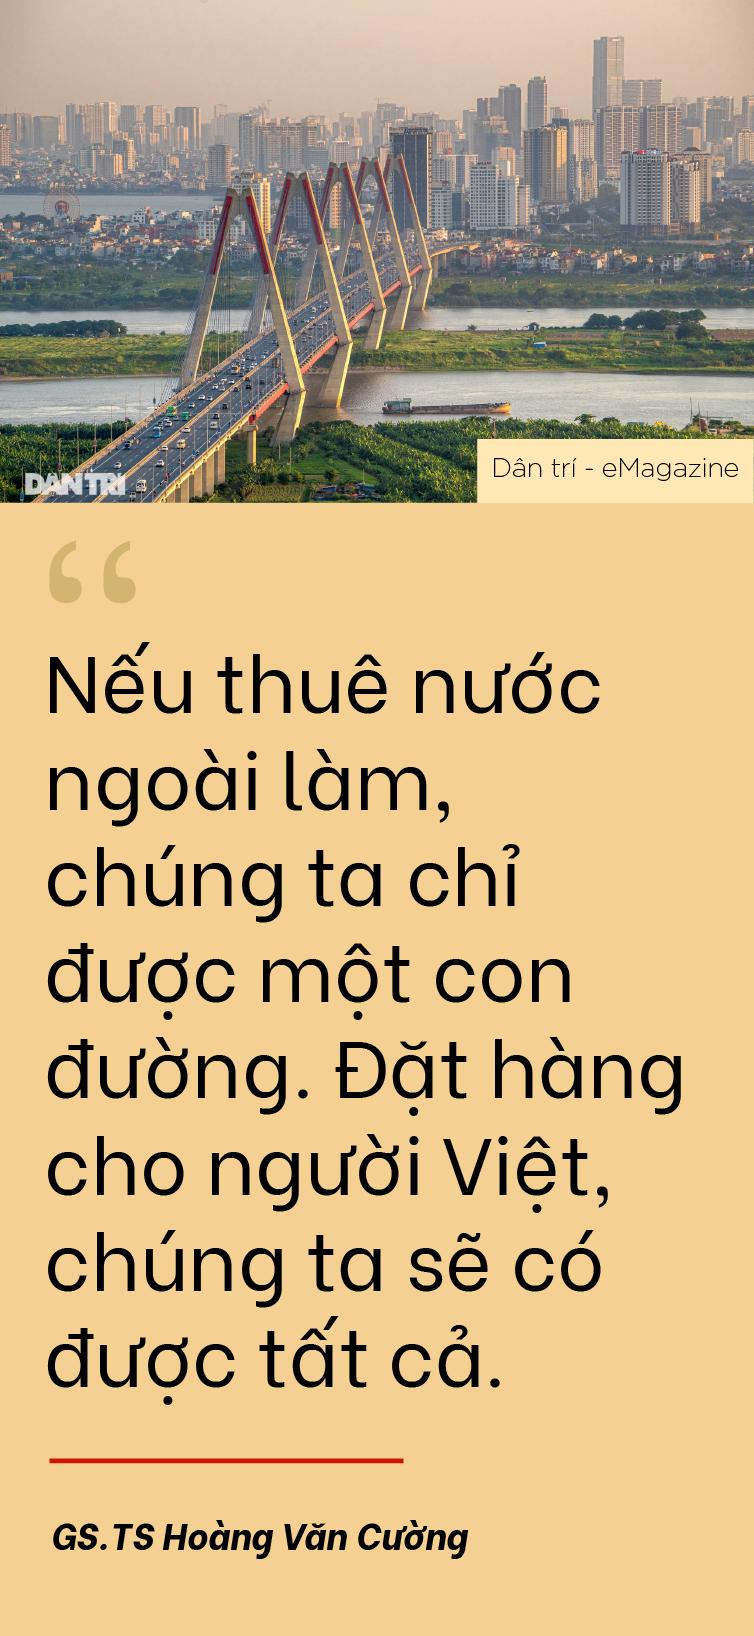 GS.TS Hoàng Văn Cường: Việt Nam muốn giàu mạnh, sứ mệnh đặt lên vai ai? - 8